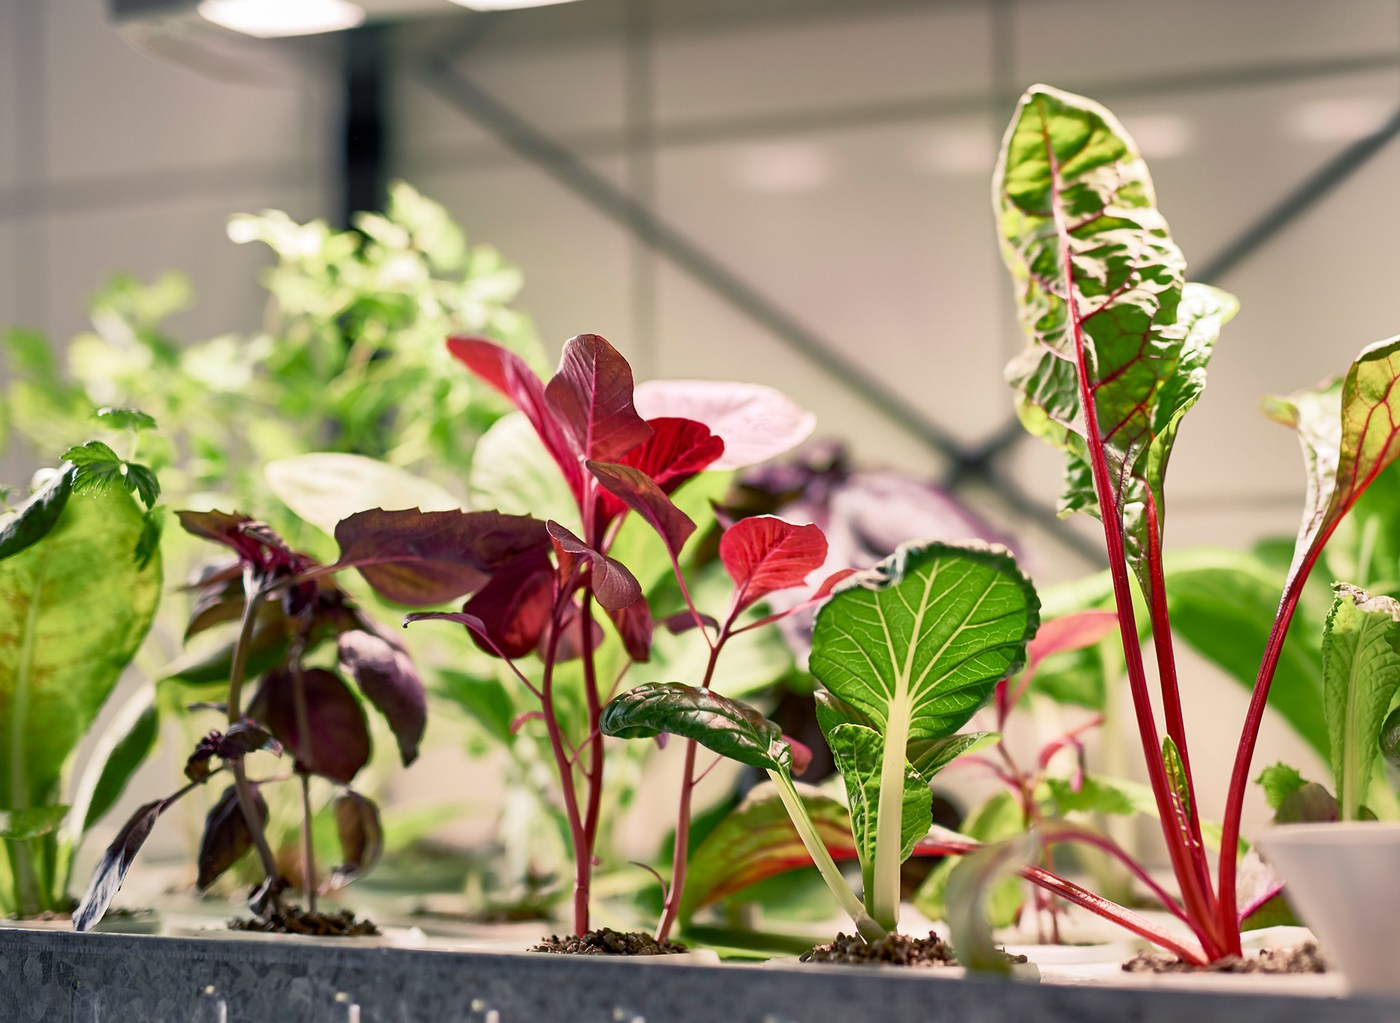 Kräuter und Salat wachsen in einem Hydrokultursystem.